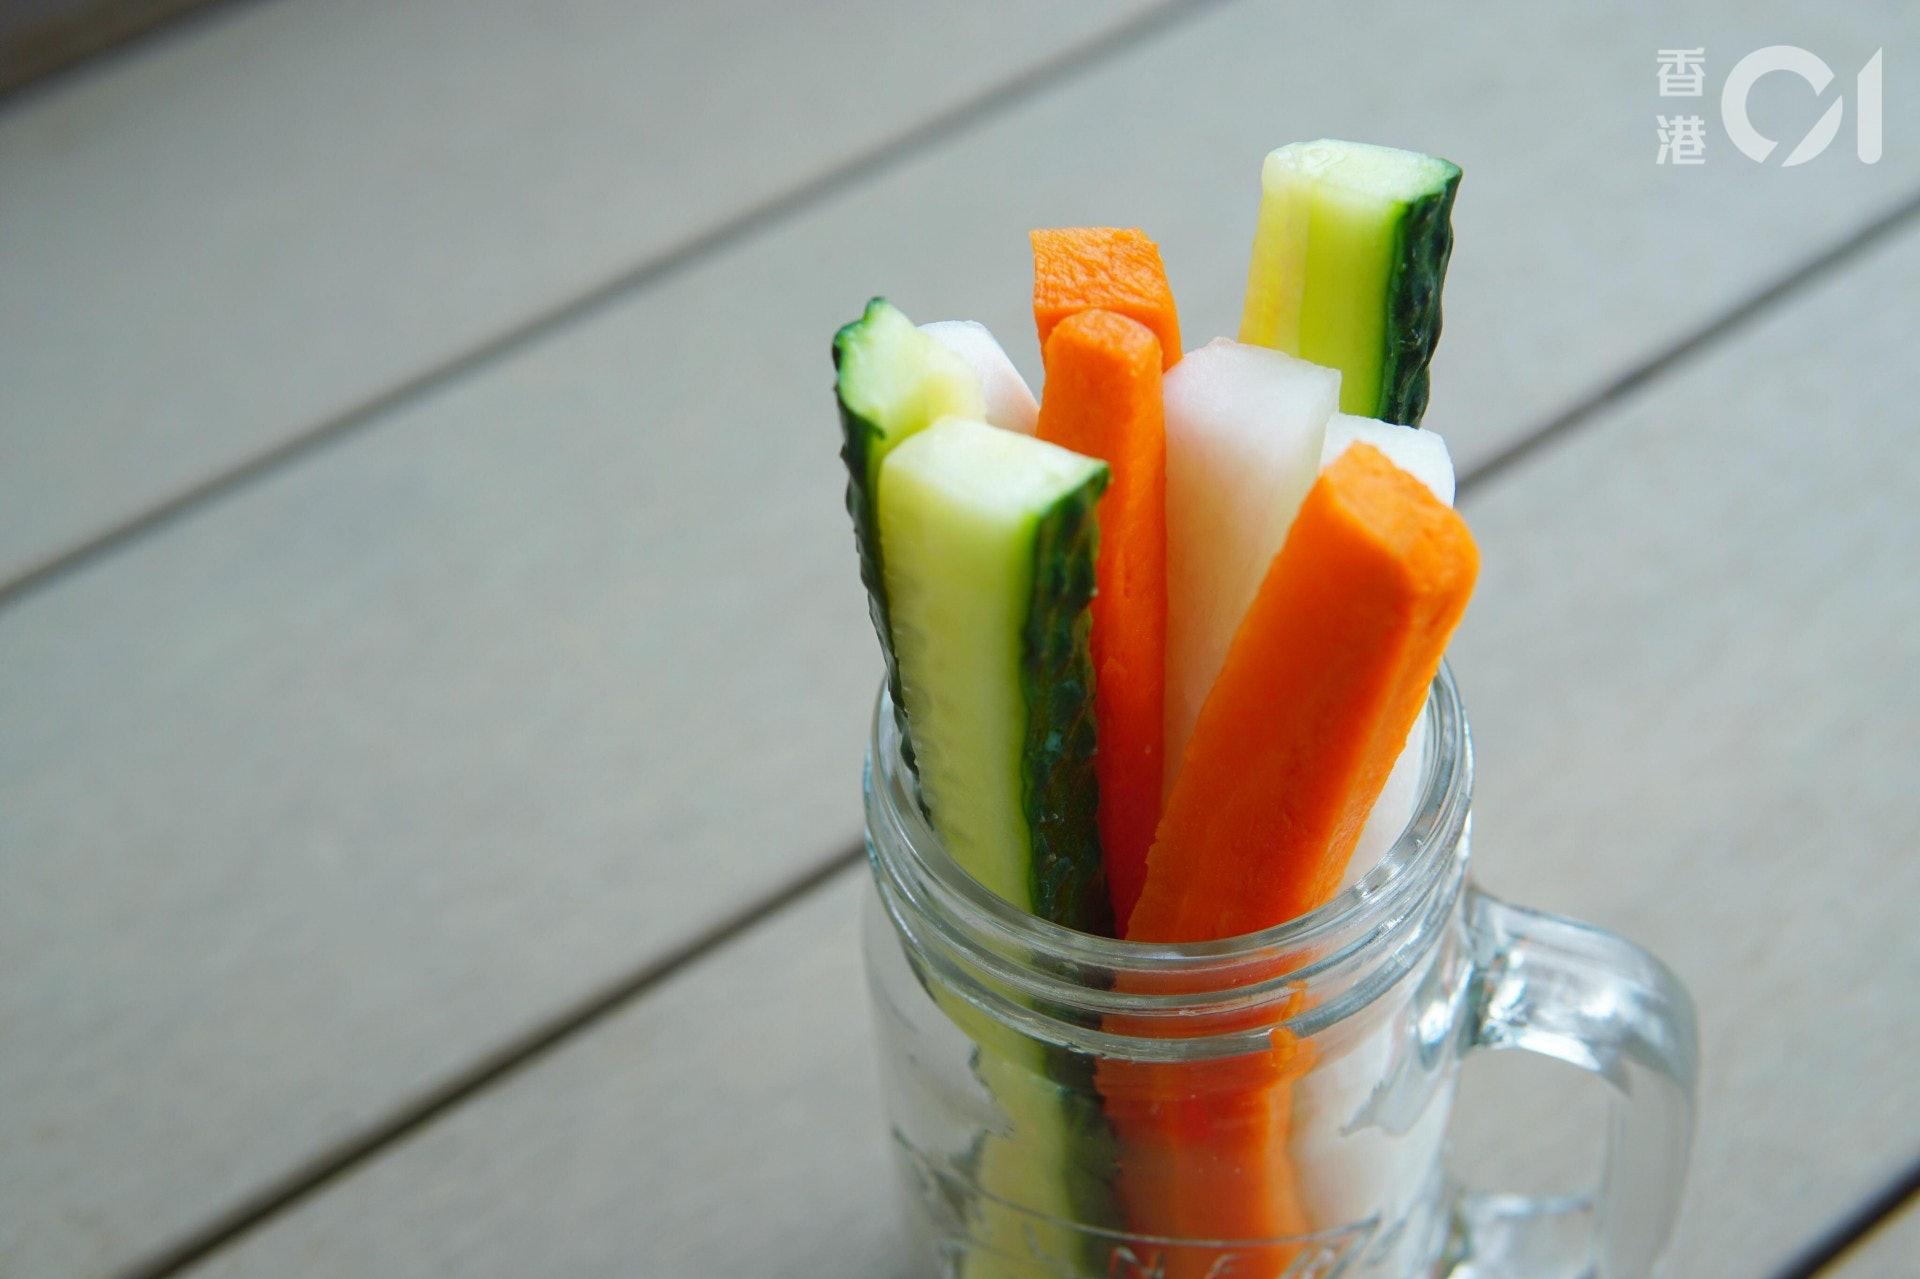 Lillian另補充:「除了醋醃蔬菜,市面上有售大量充滿醬汁的醃製蔬菜,鈉質相對較高,建議留意食用分量。此外,食品商為了延長產品的保鮮期,會加入防腐劑或其他添加劑等,建議不要經常食用。」